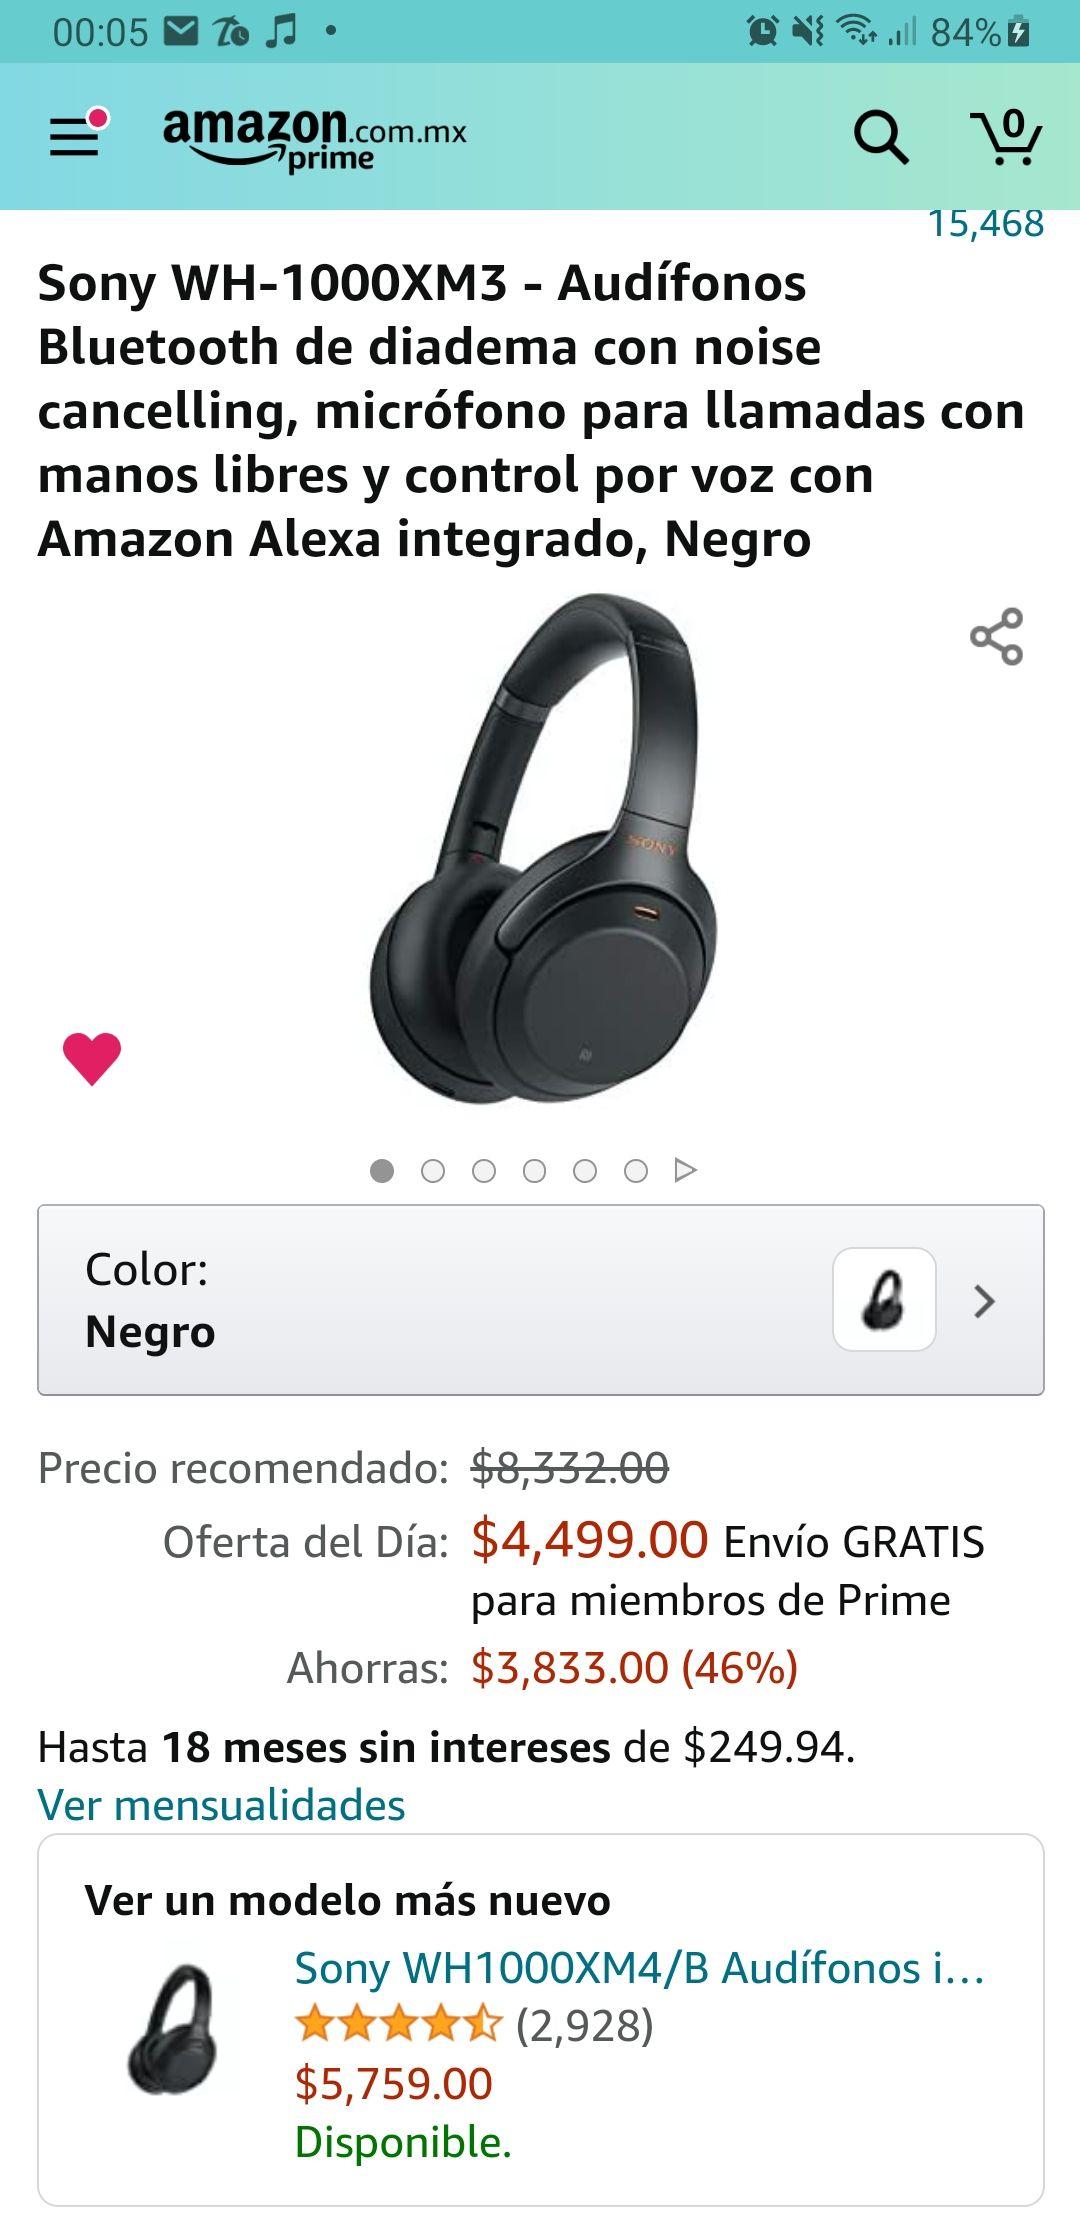 Amazon: Audifonos Sony WH-1000XM3